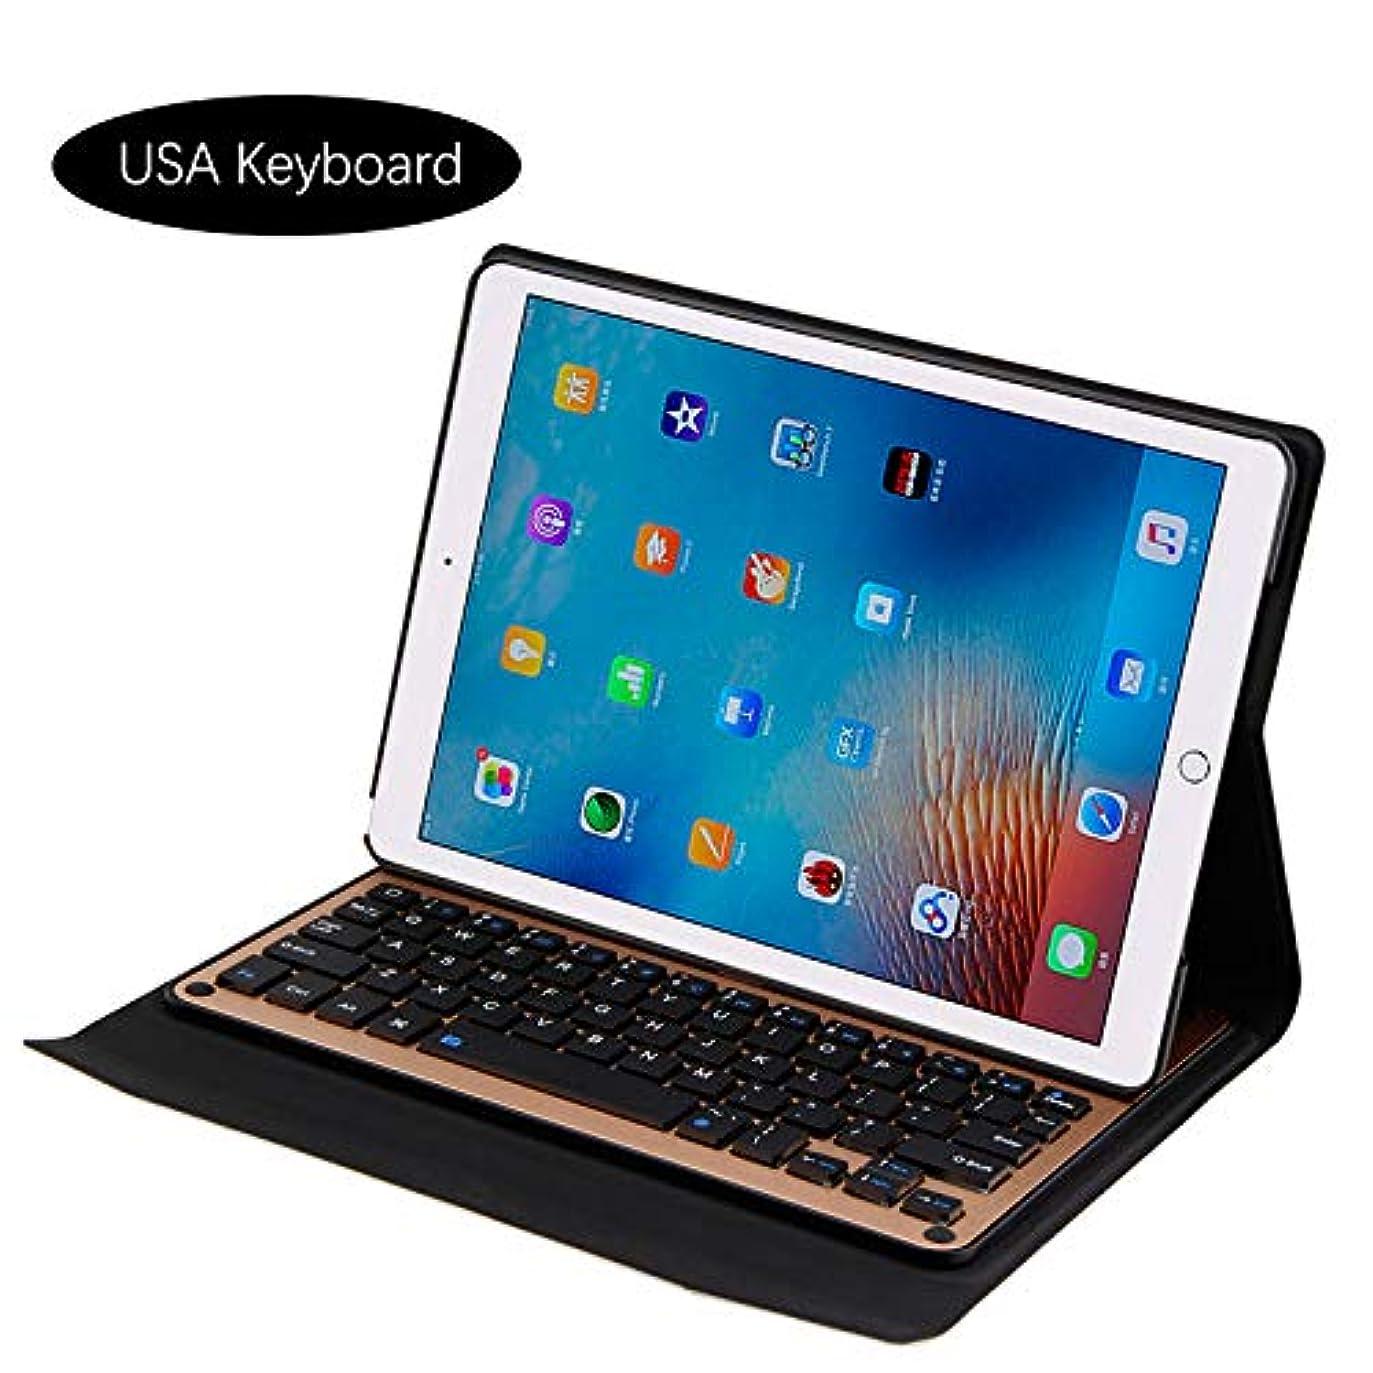 英語の授業があります素晴らしさグリーンランドiPad Pro 10.5 Inch 2017 シェル, ハイブリッド 耐衝撃性 スリム Phoebe カバー 合う スクラッチ耐性 ゴム バンパーバック and 保護 の iPad Pro 10.5 Inch 2017 -Golden